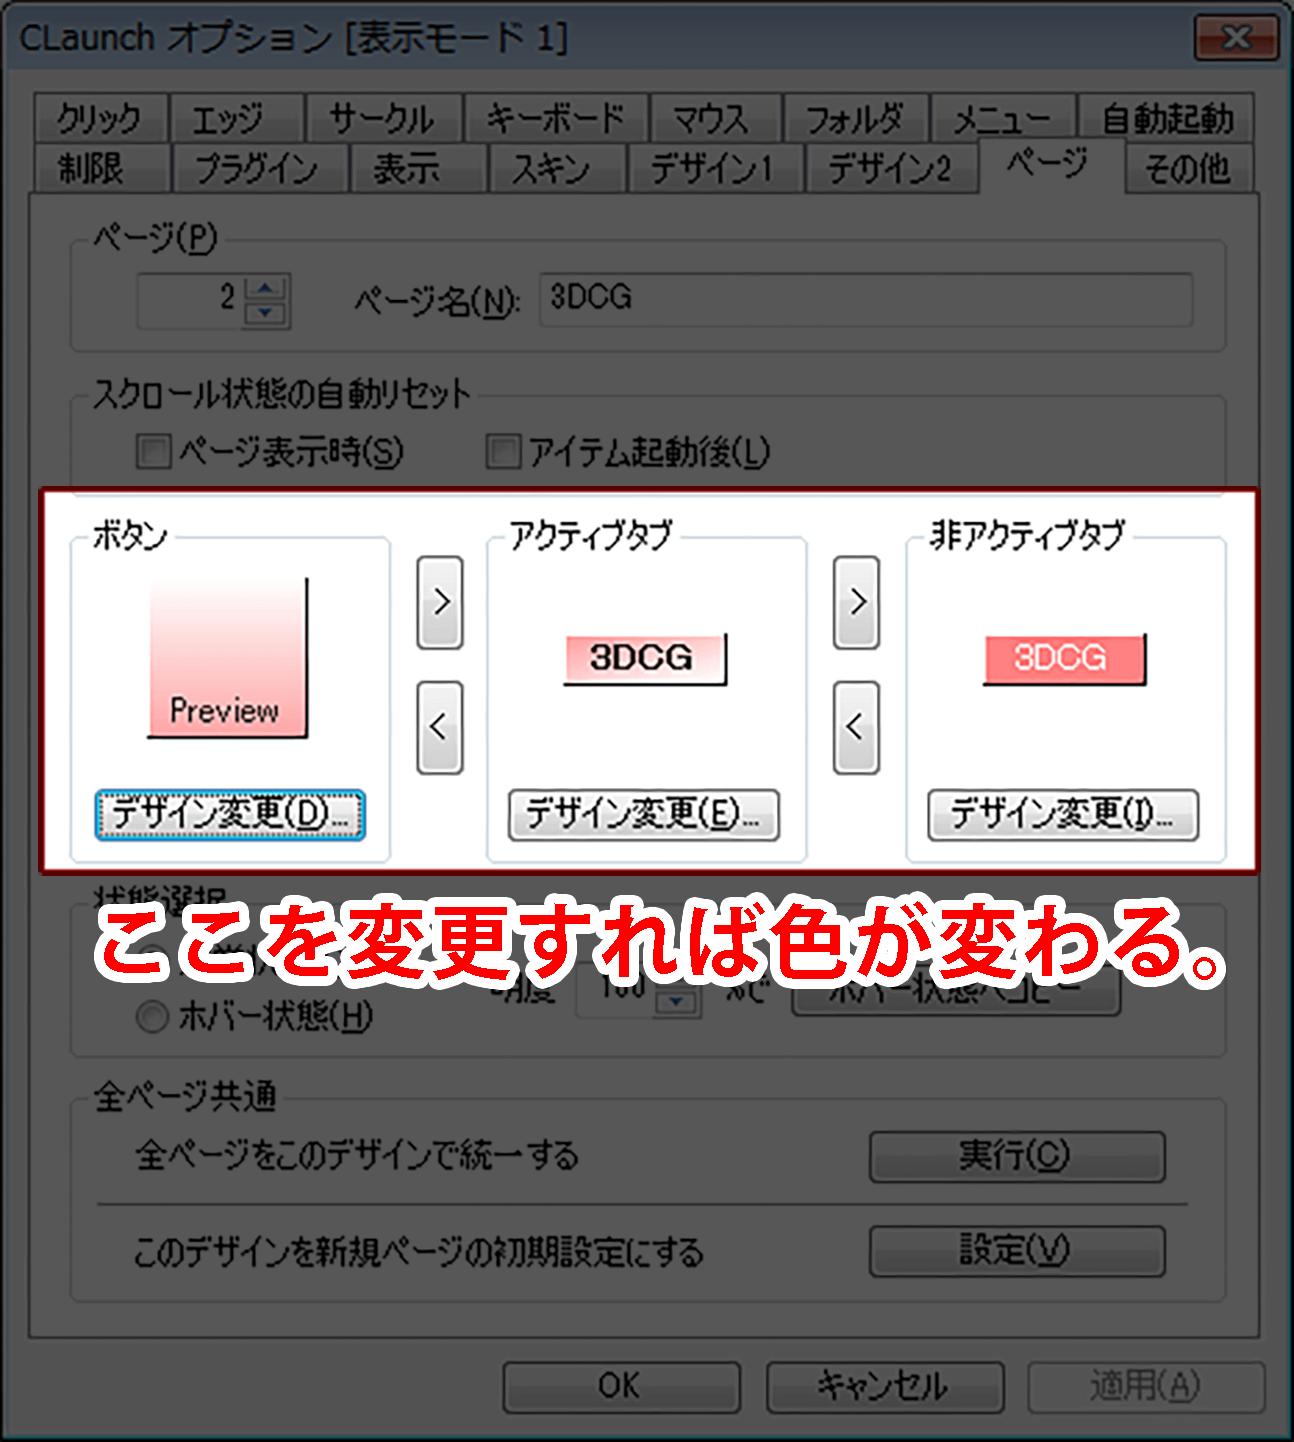 20160714_CLaunch018